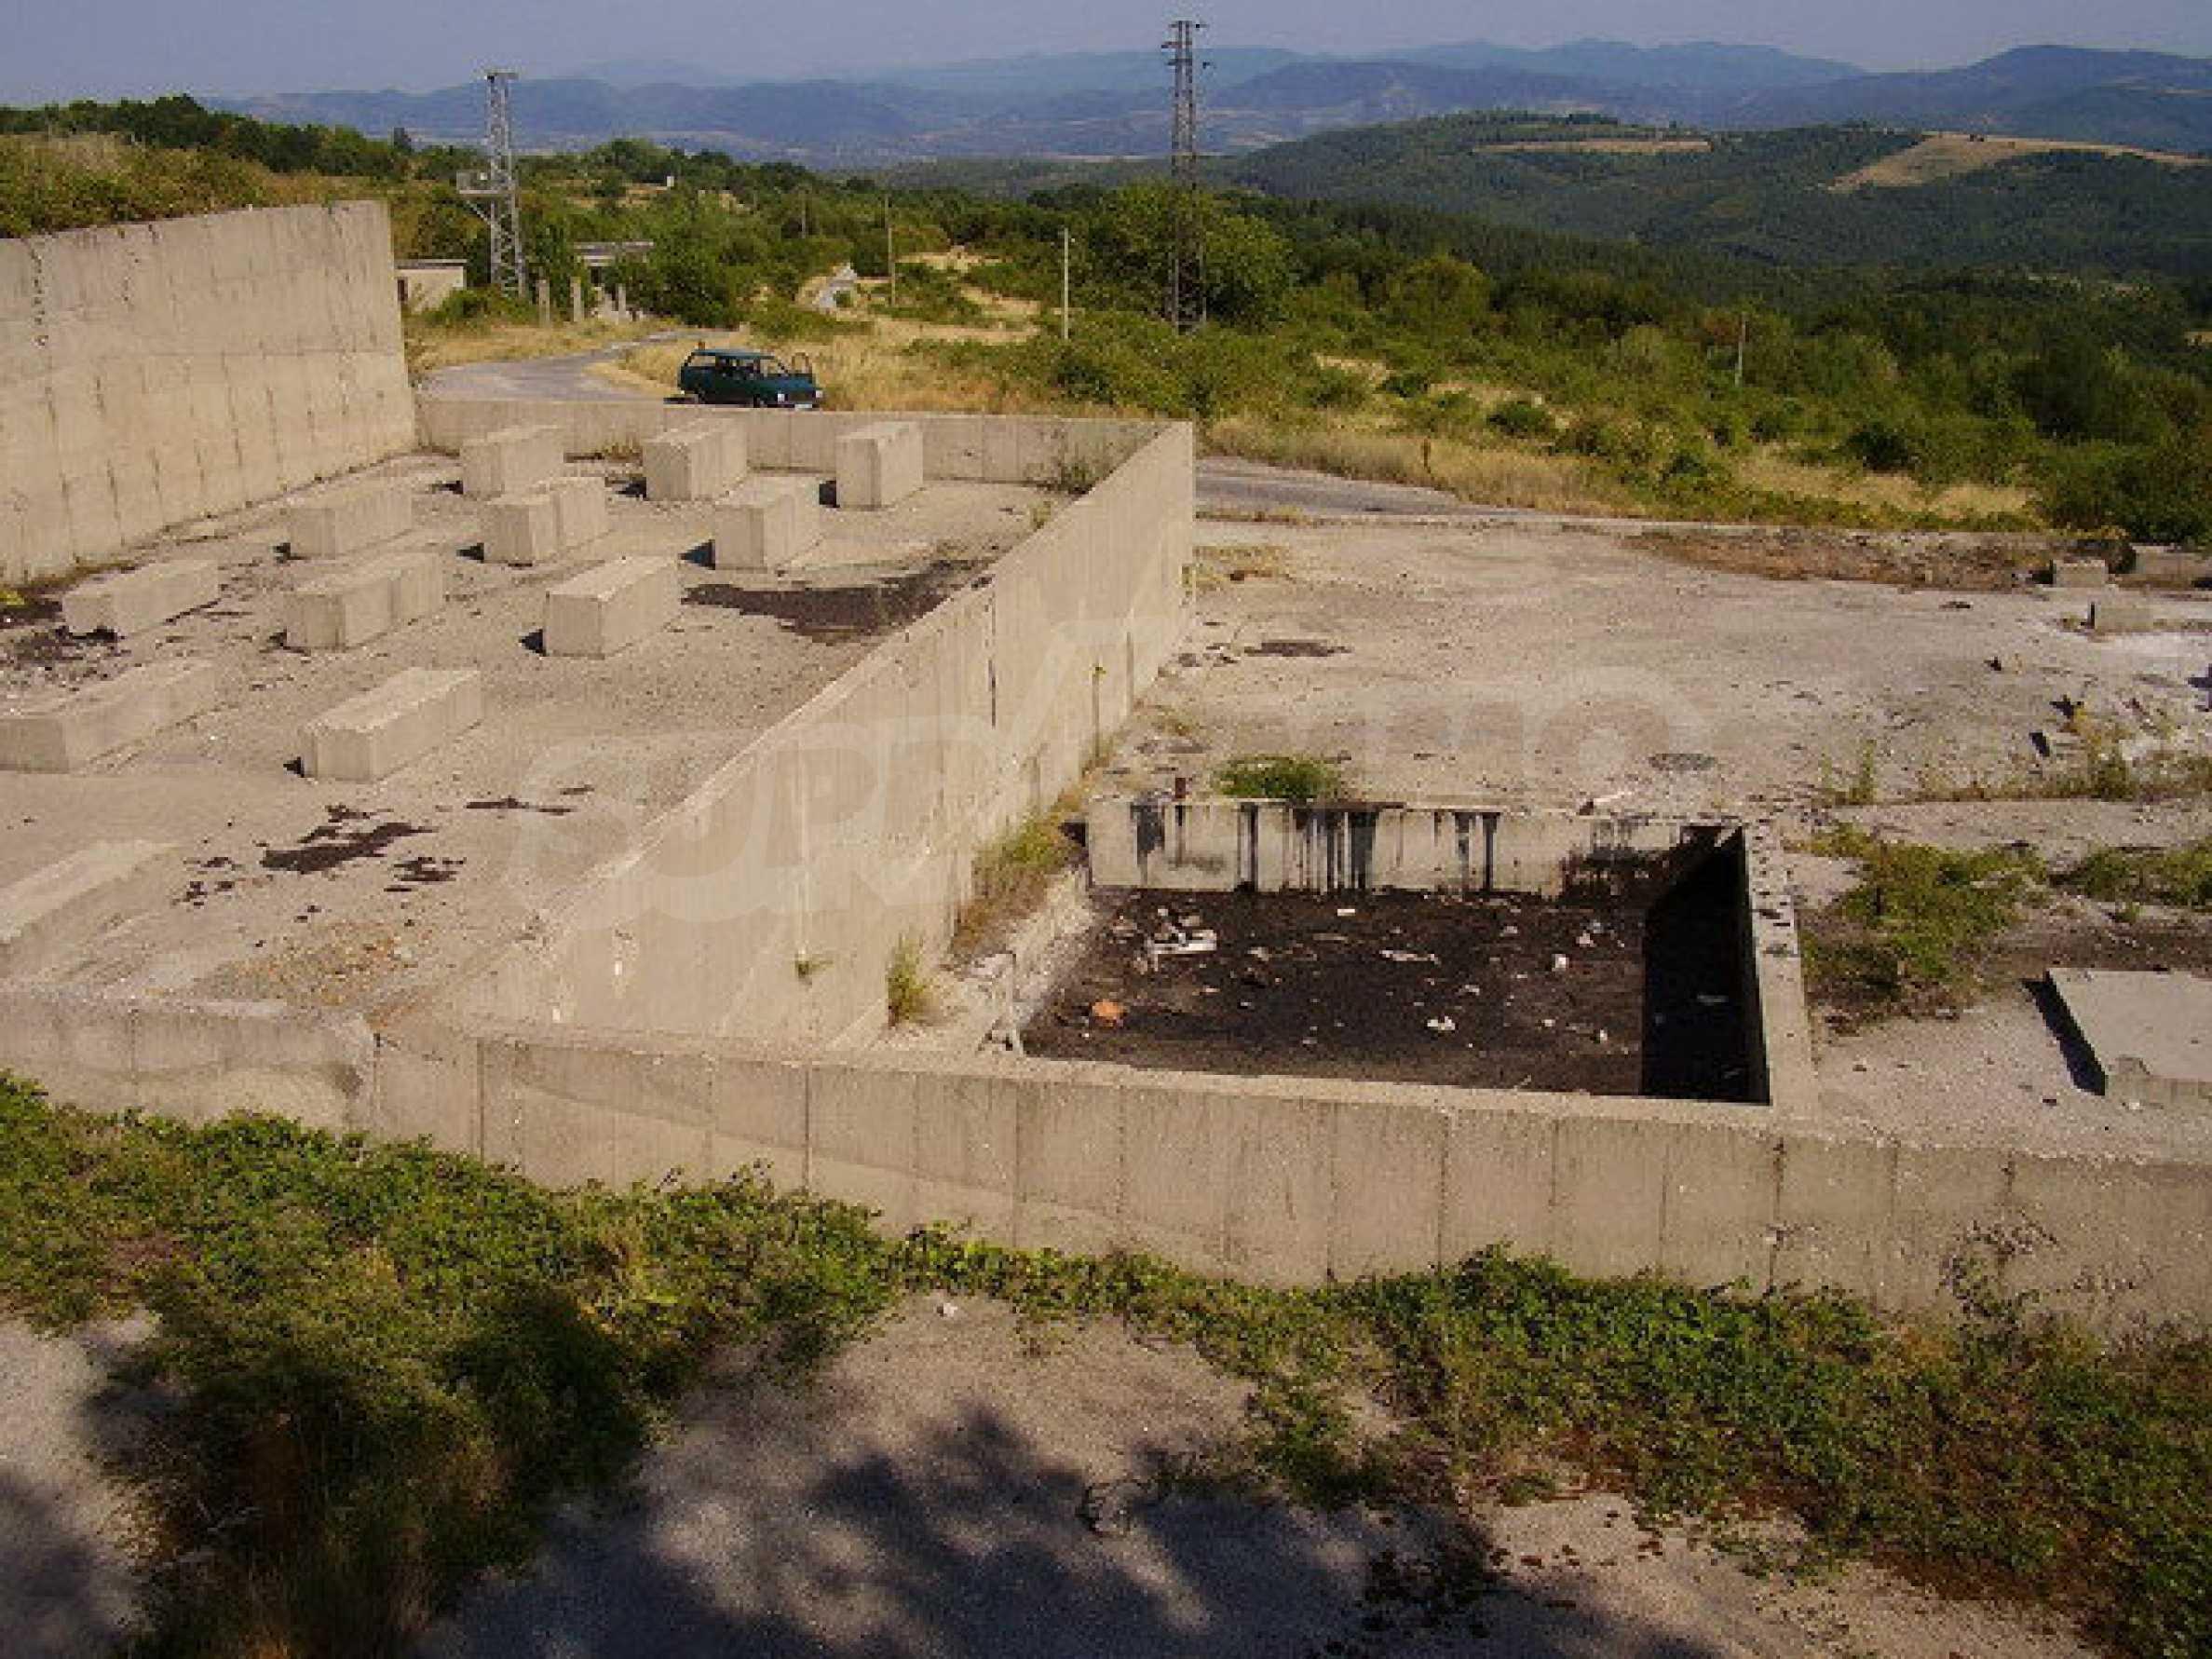 Земельный участок с прекрасным видом, пригодный для дачного поселка, вблизи города Трявна 1